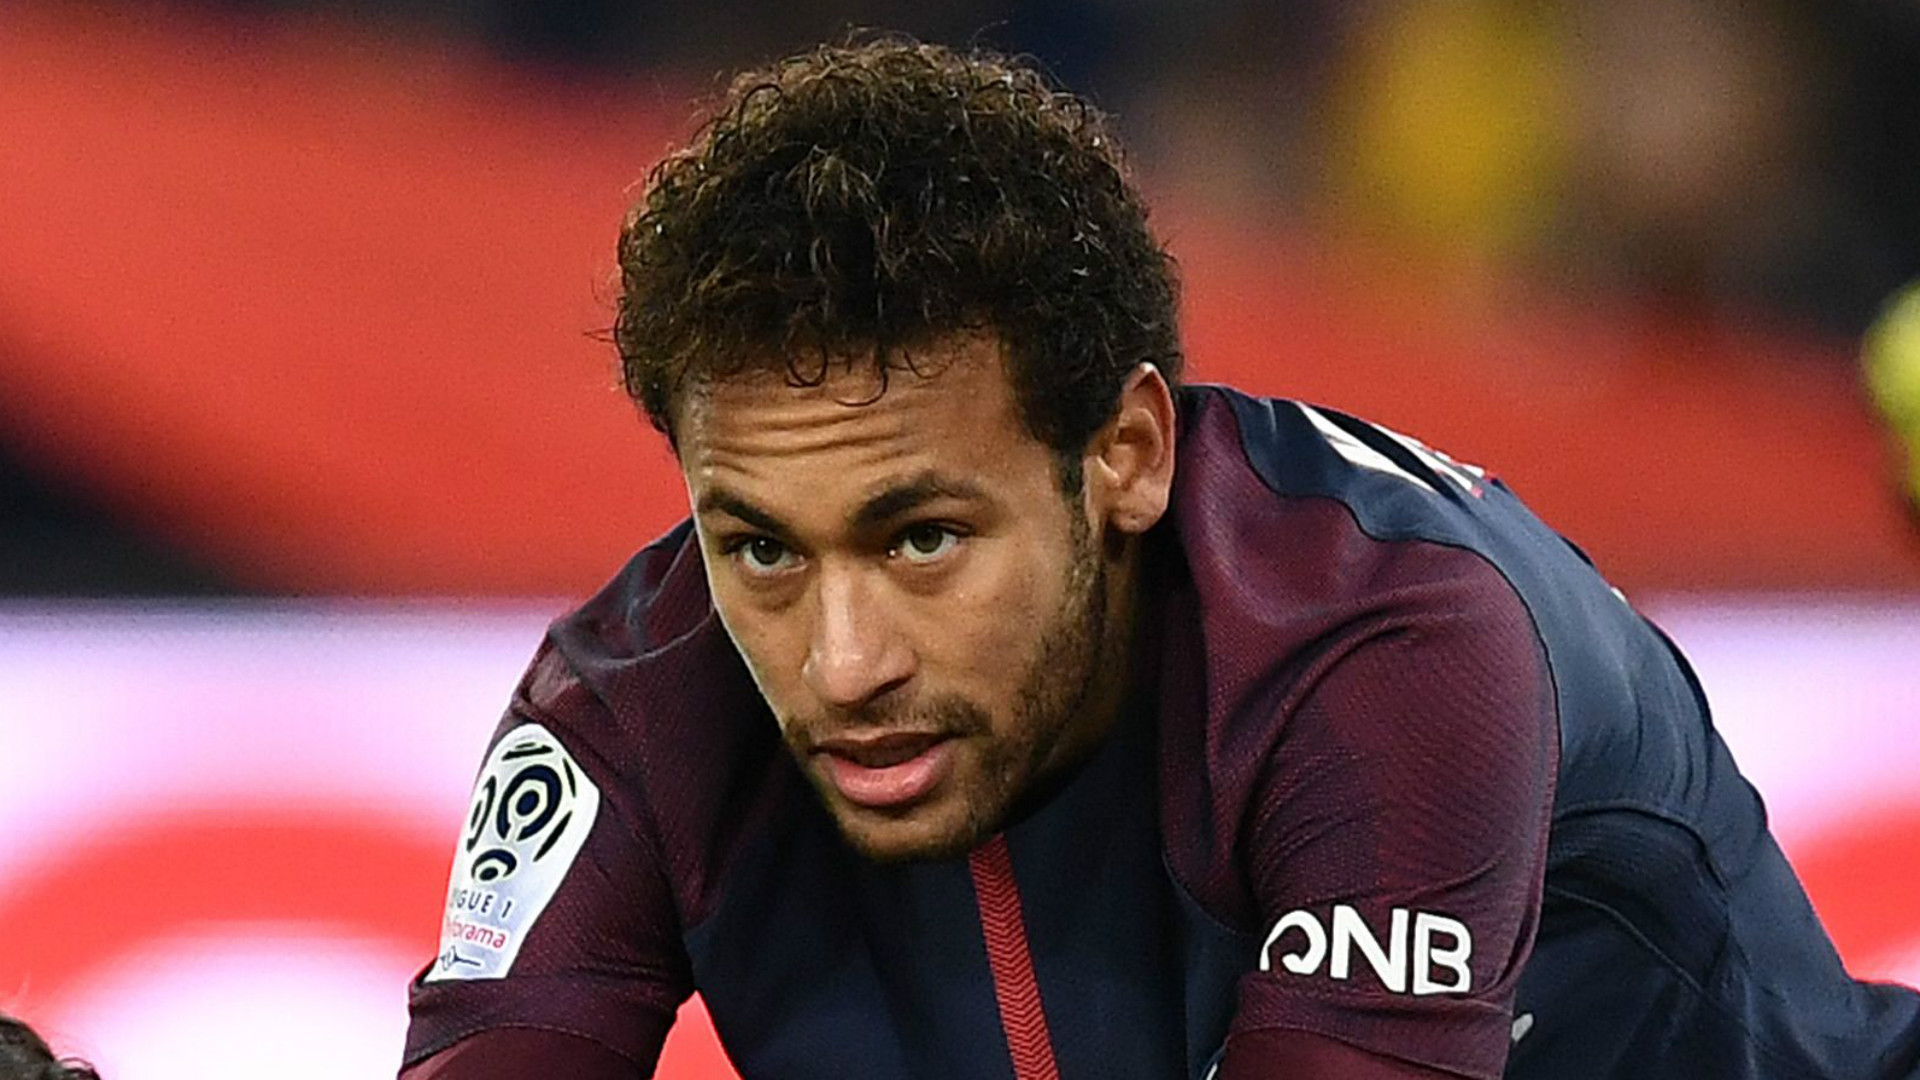 Neymar parabeniza Cavani e mostra companheirismo depois de indiferenças